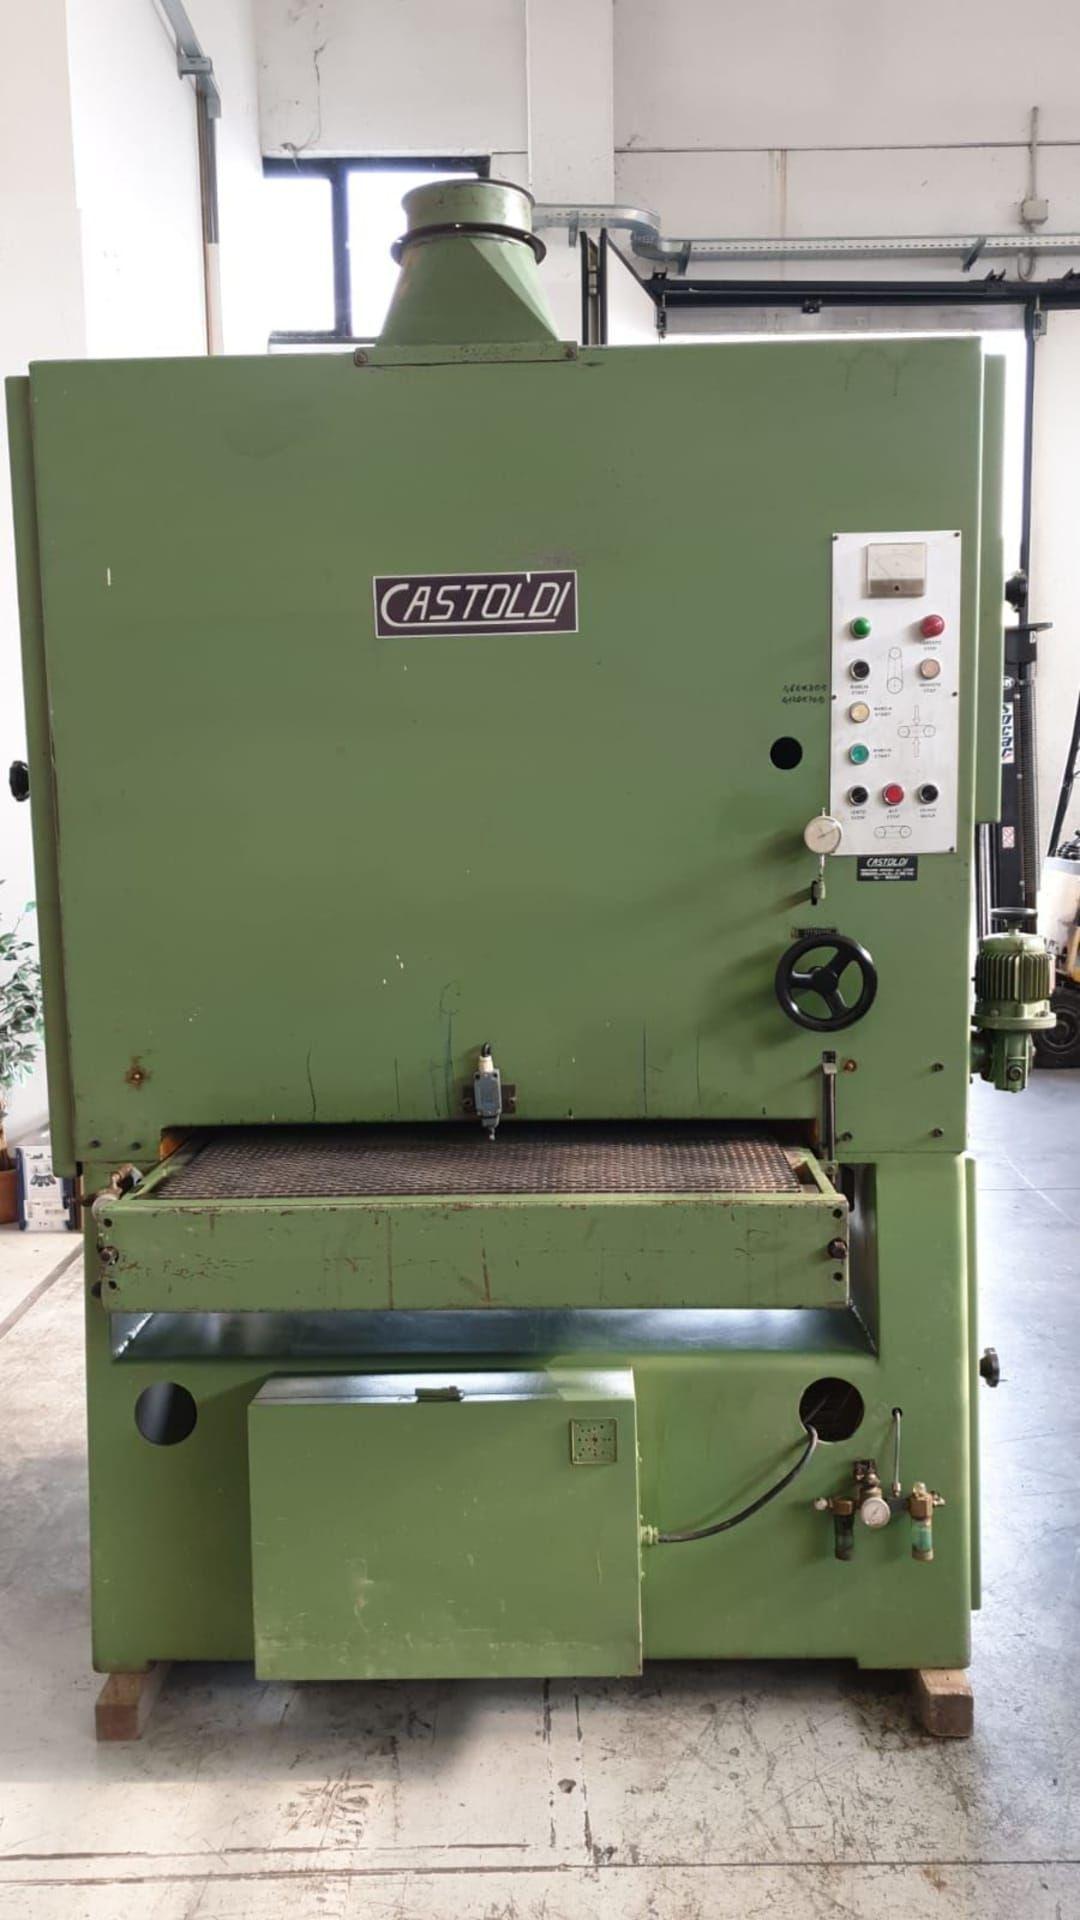 CASTOLDI R1/1000 Breitbandschleifmaschine